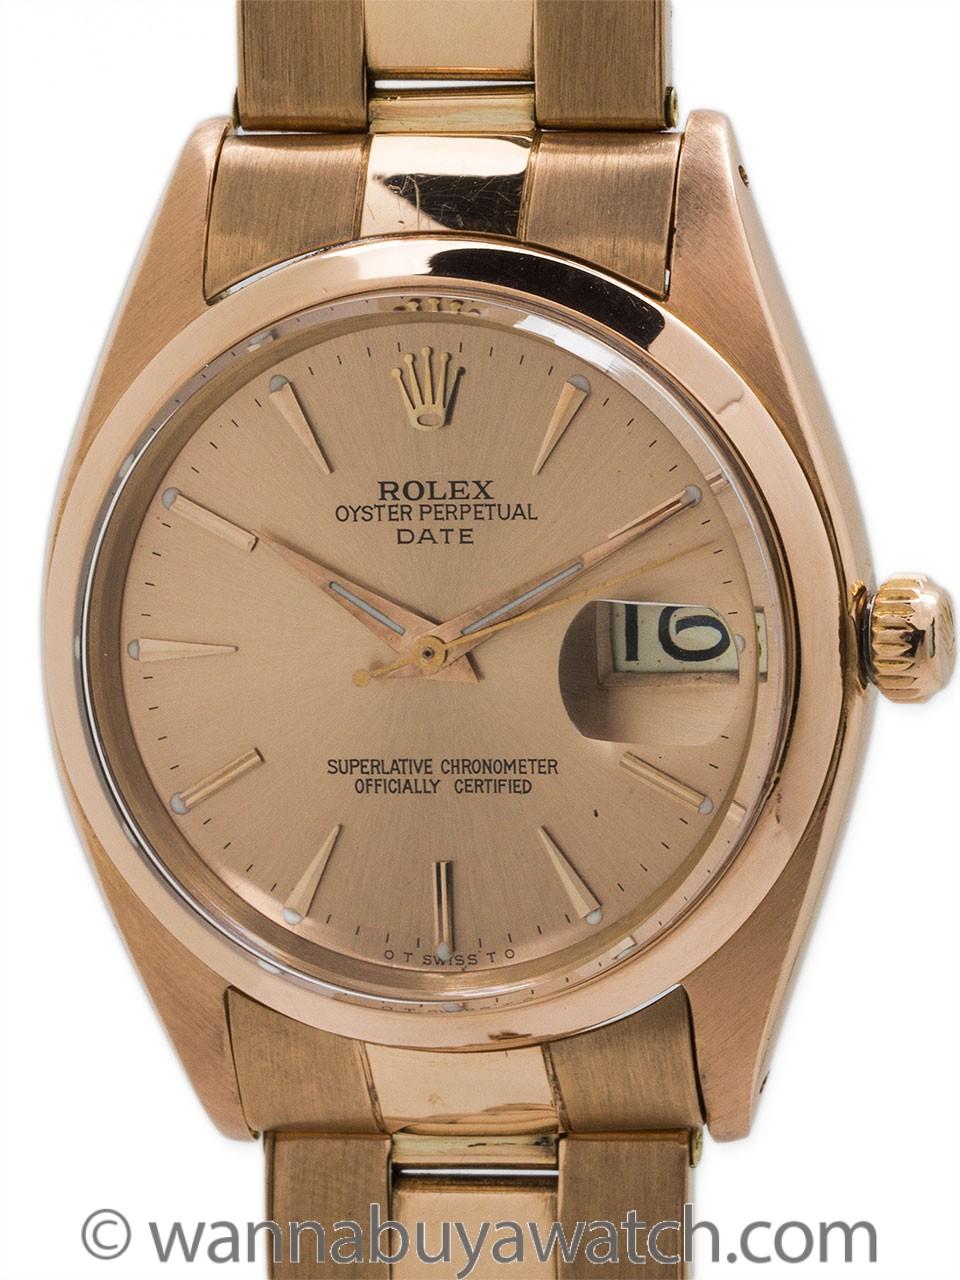 Rolex Oyster Perpetual Date 18K Rose Gold circa 1961